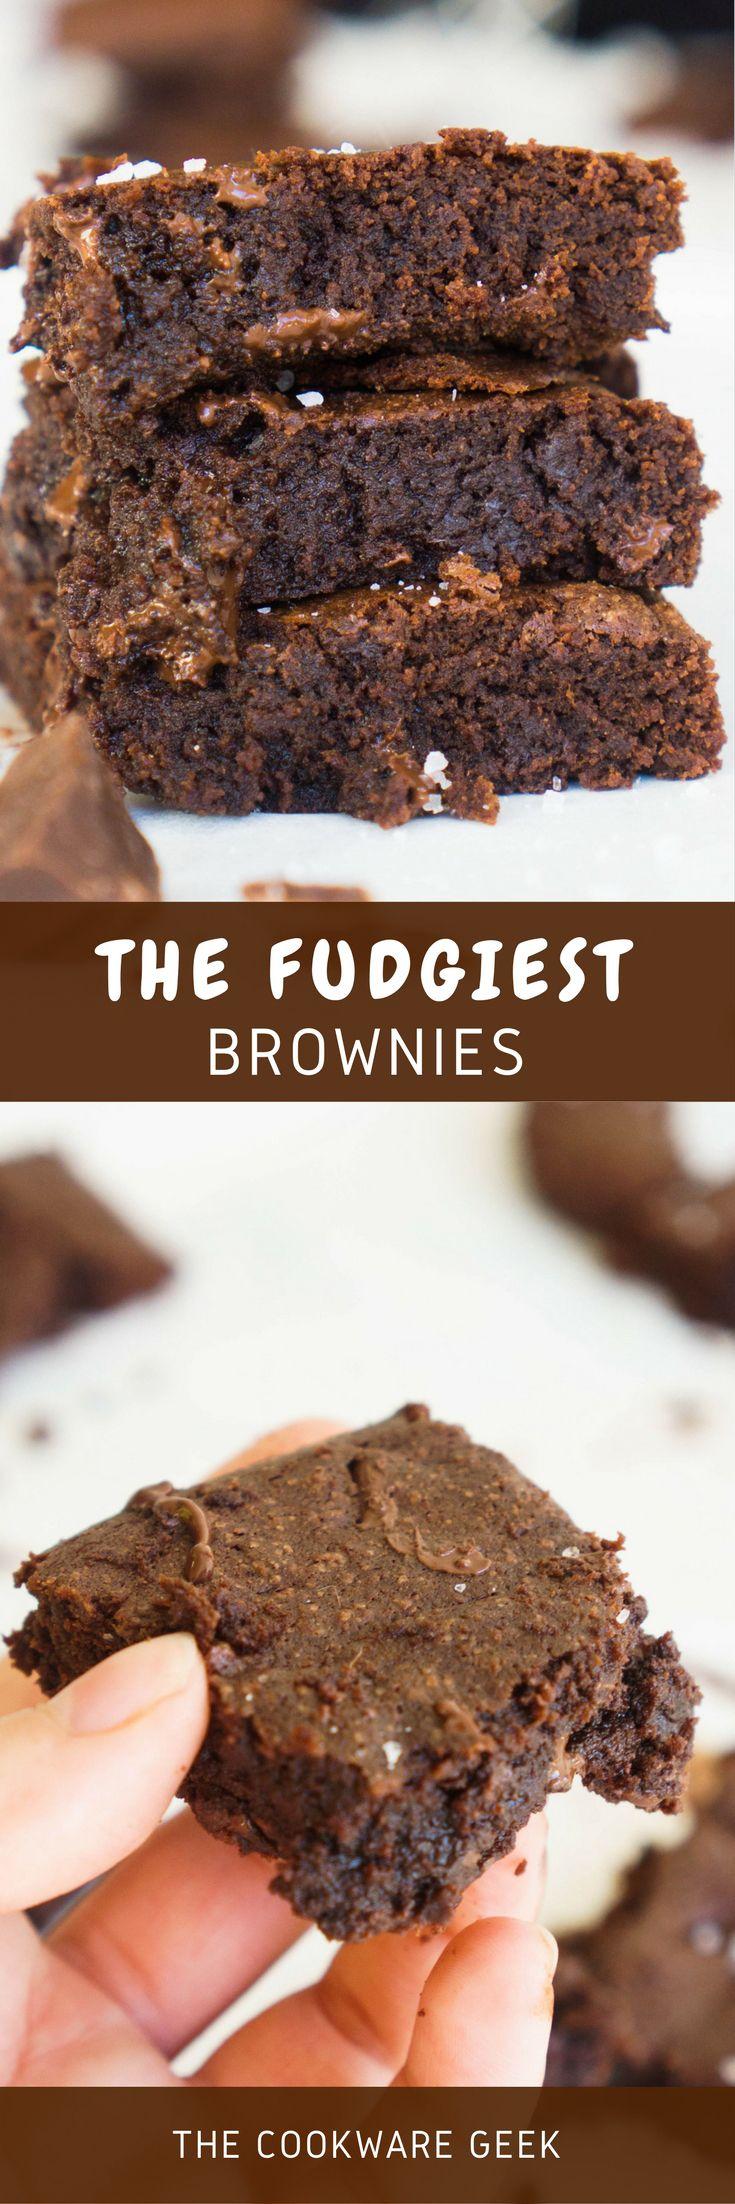 The Fudgiest Brownies Ever (Fudgy Brownies) | The Cookware Geek